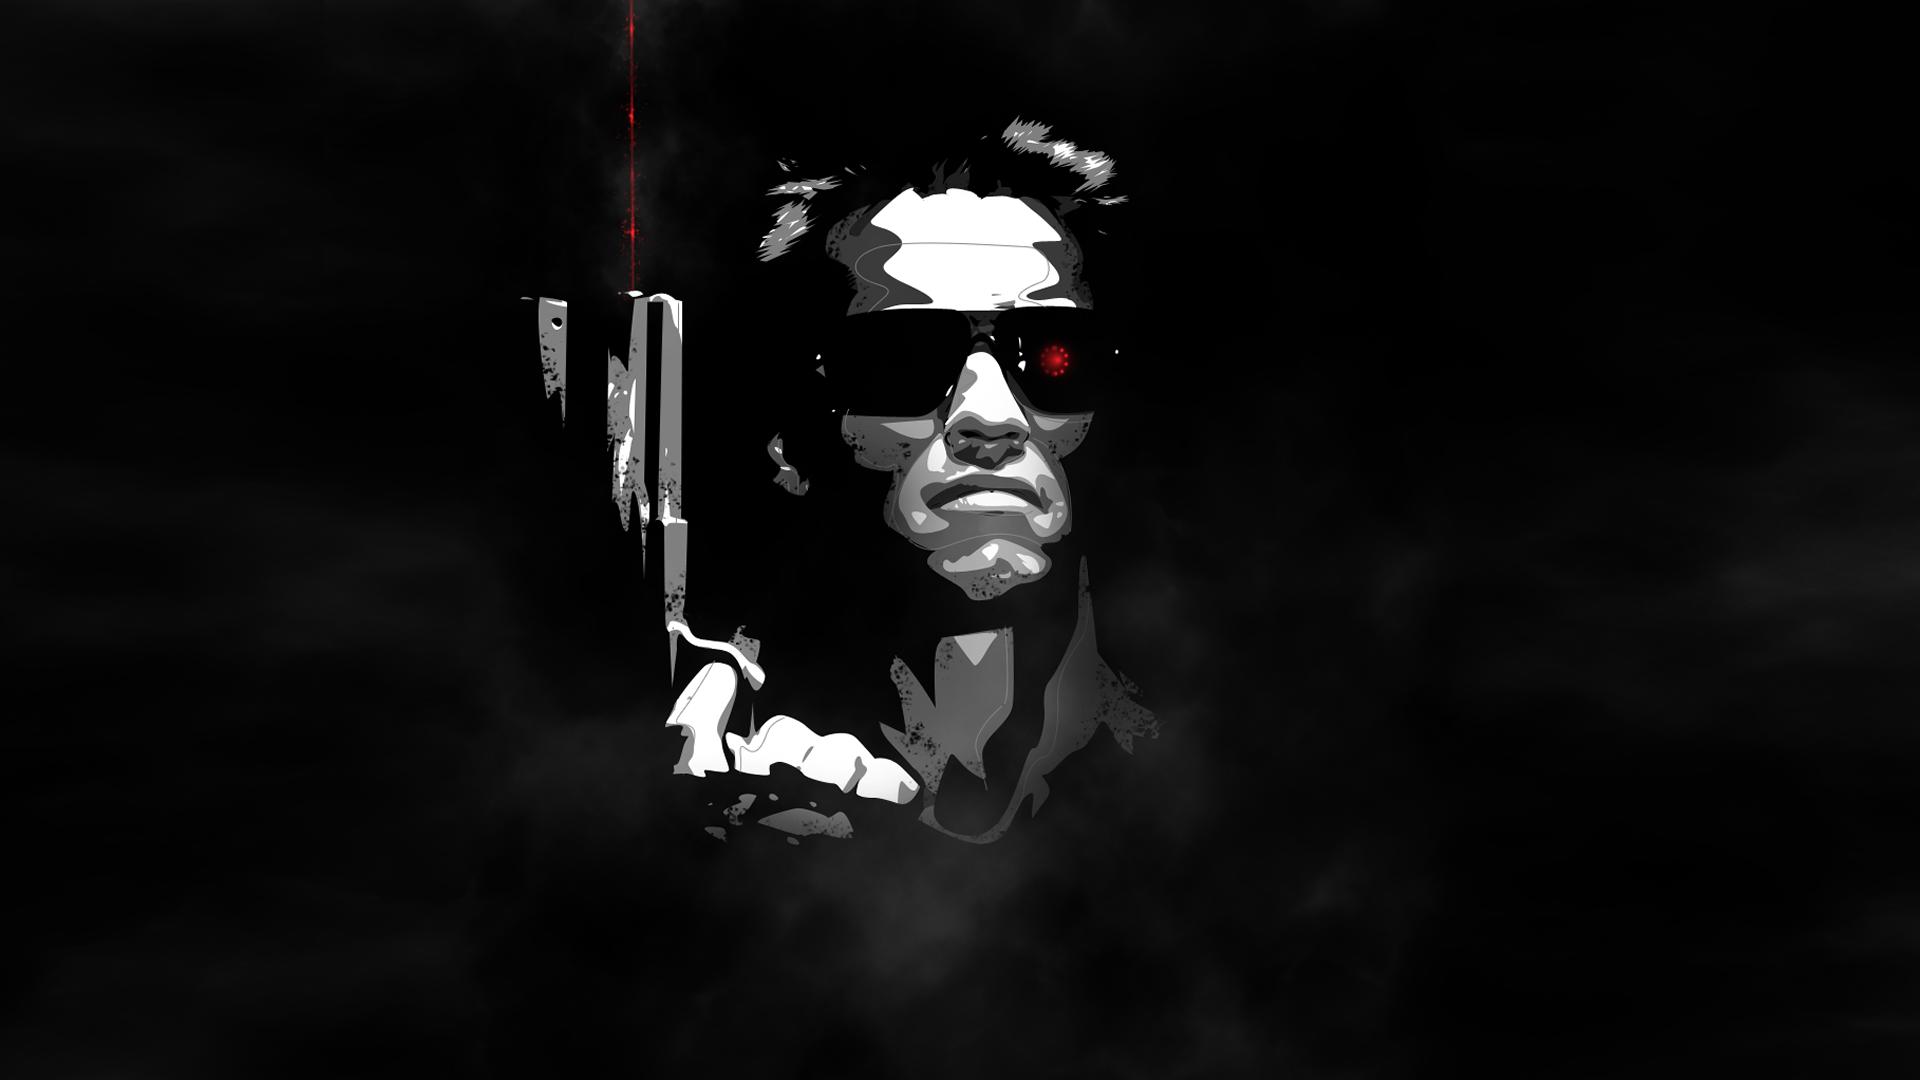 Terminator Movie Posters